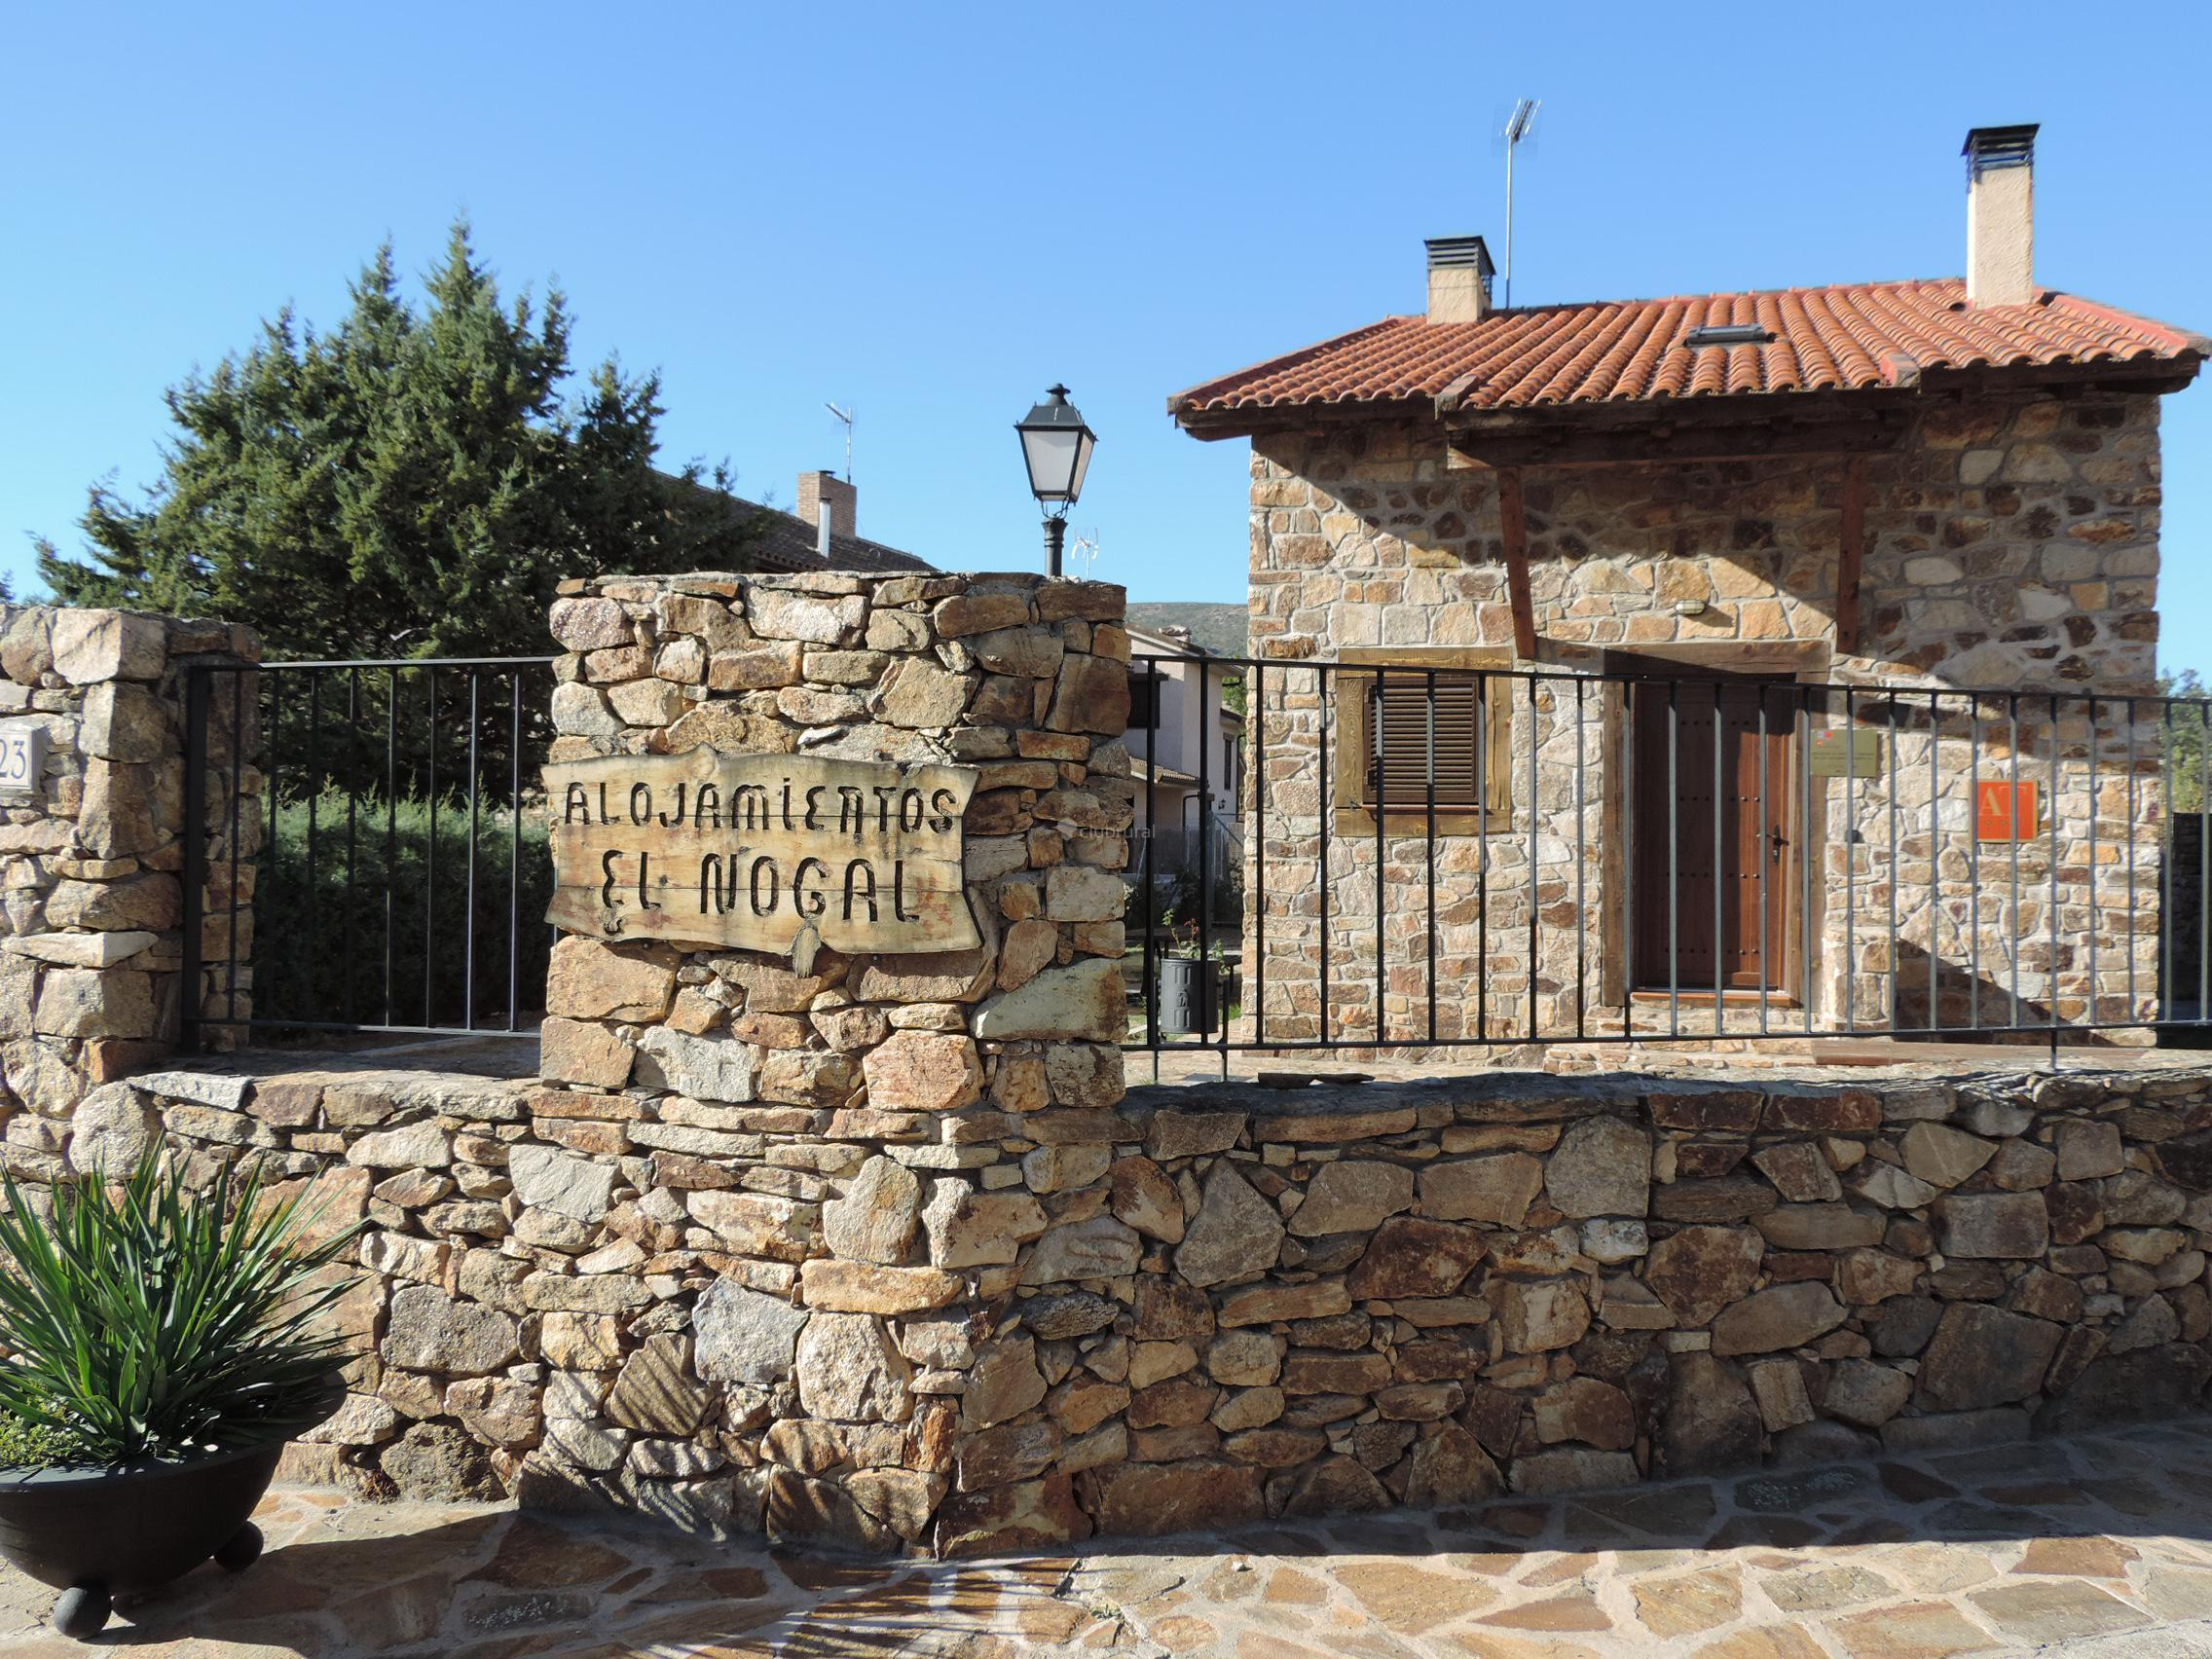 Fotos de la posada del nogal madrid la serna del monte - Fotos casas rurales ...